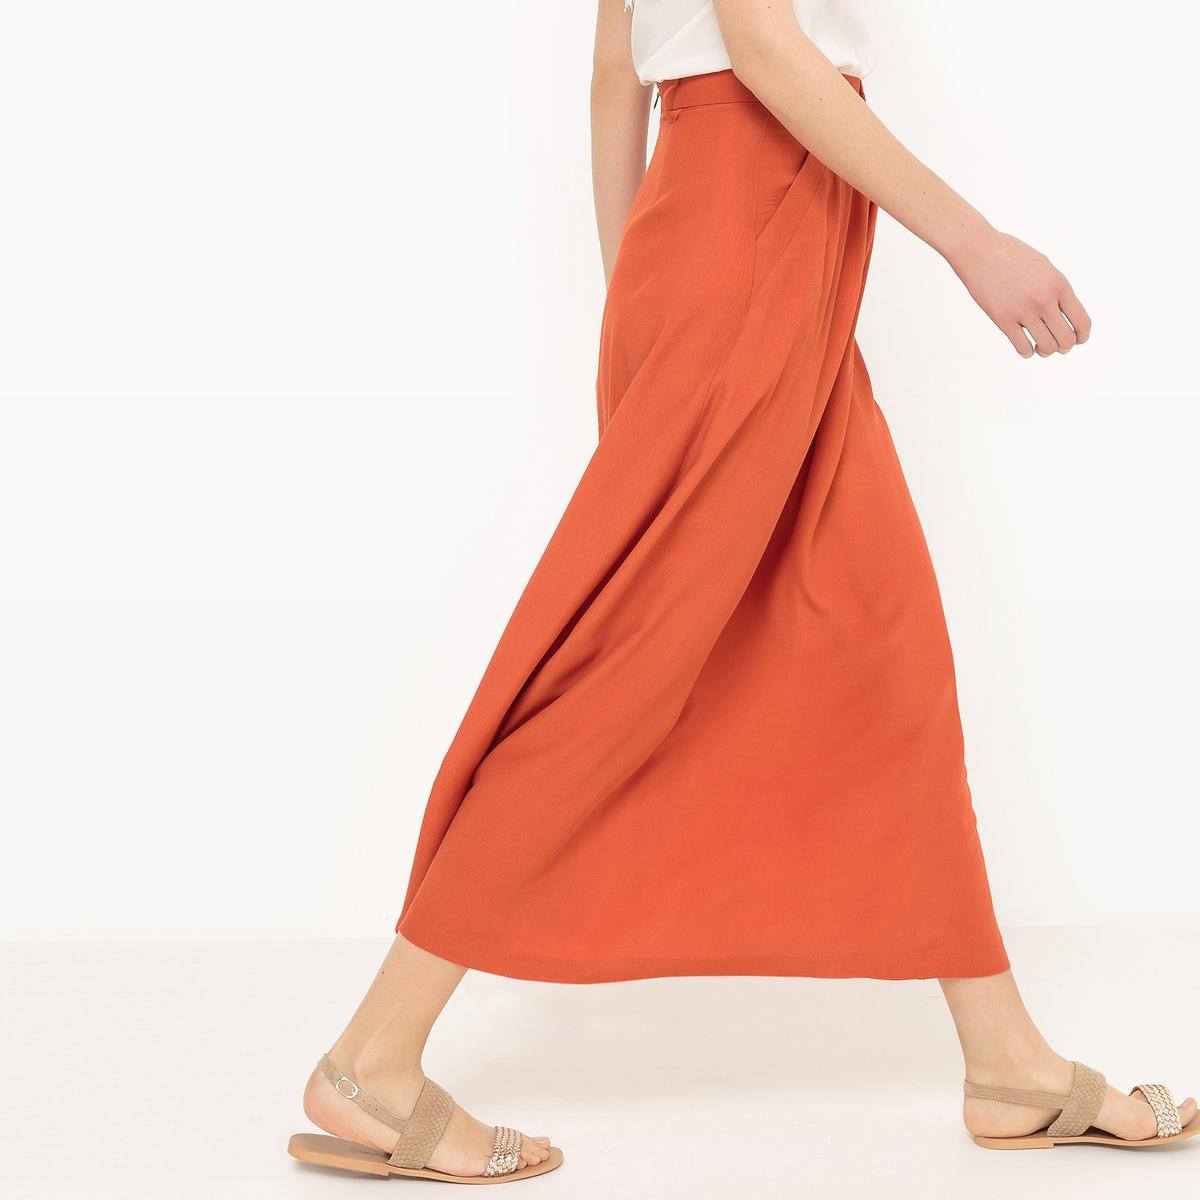 Юбка длинная, расклешенная, однотоннаяОписание:Детали  •  Форма : МАКСИ •  Удлиненная модель Состав и уход •  100% полиэстер •  Следуйте советам по уходу, указанным на этикетке<br><br>Цвет: оранжевый<br>Размер: XL